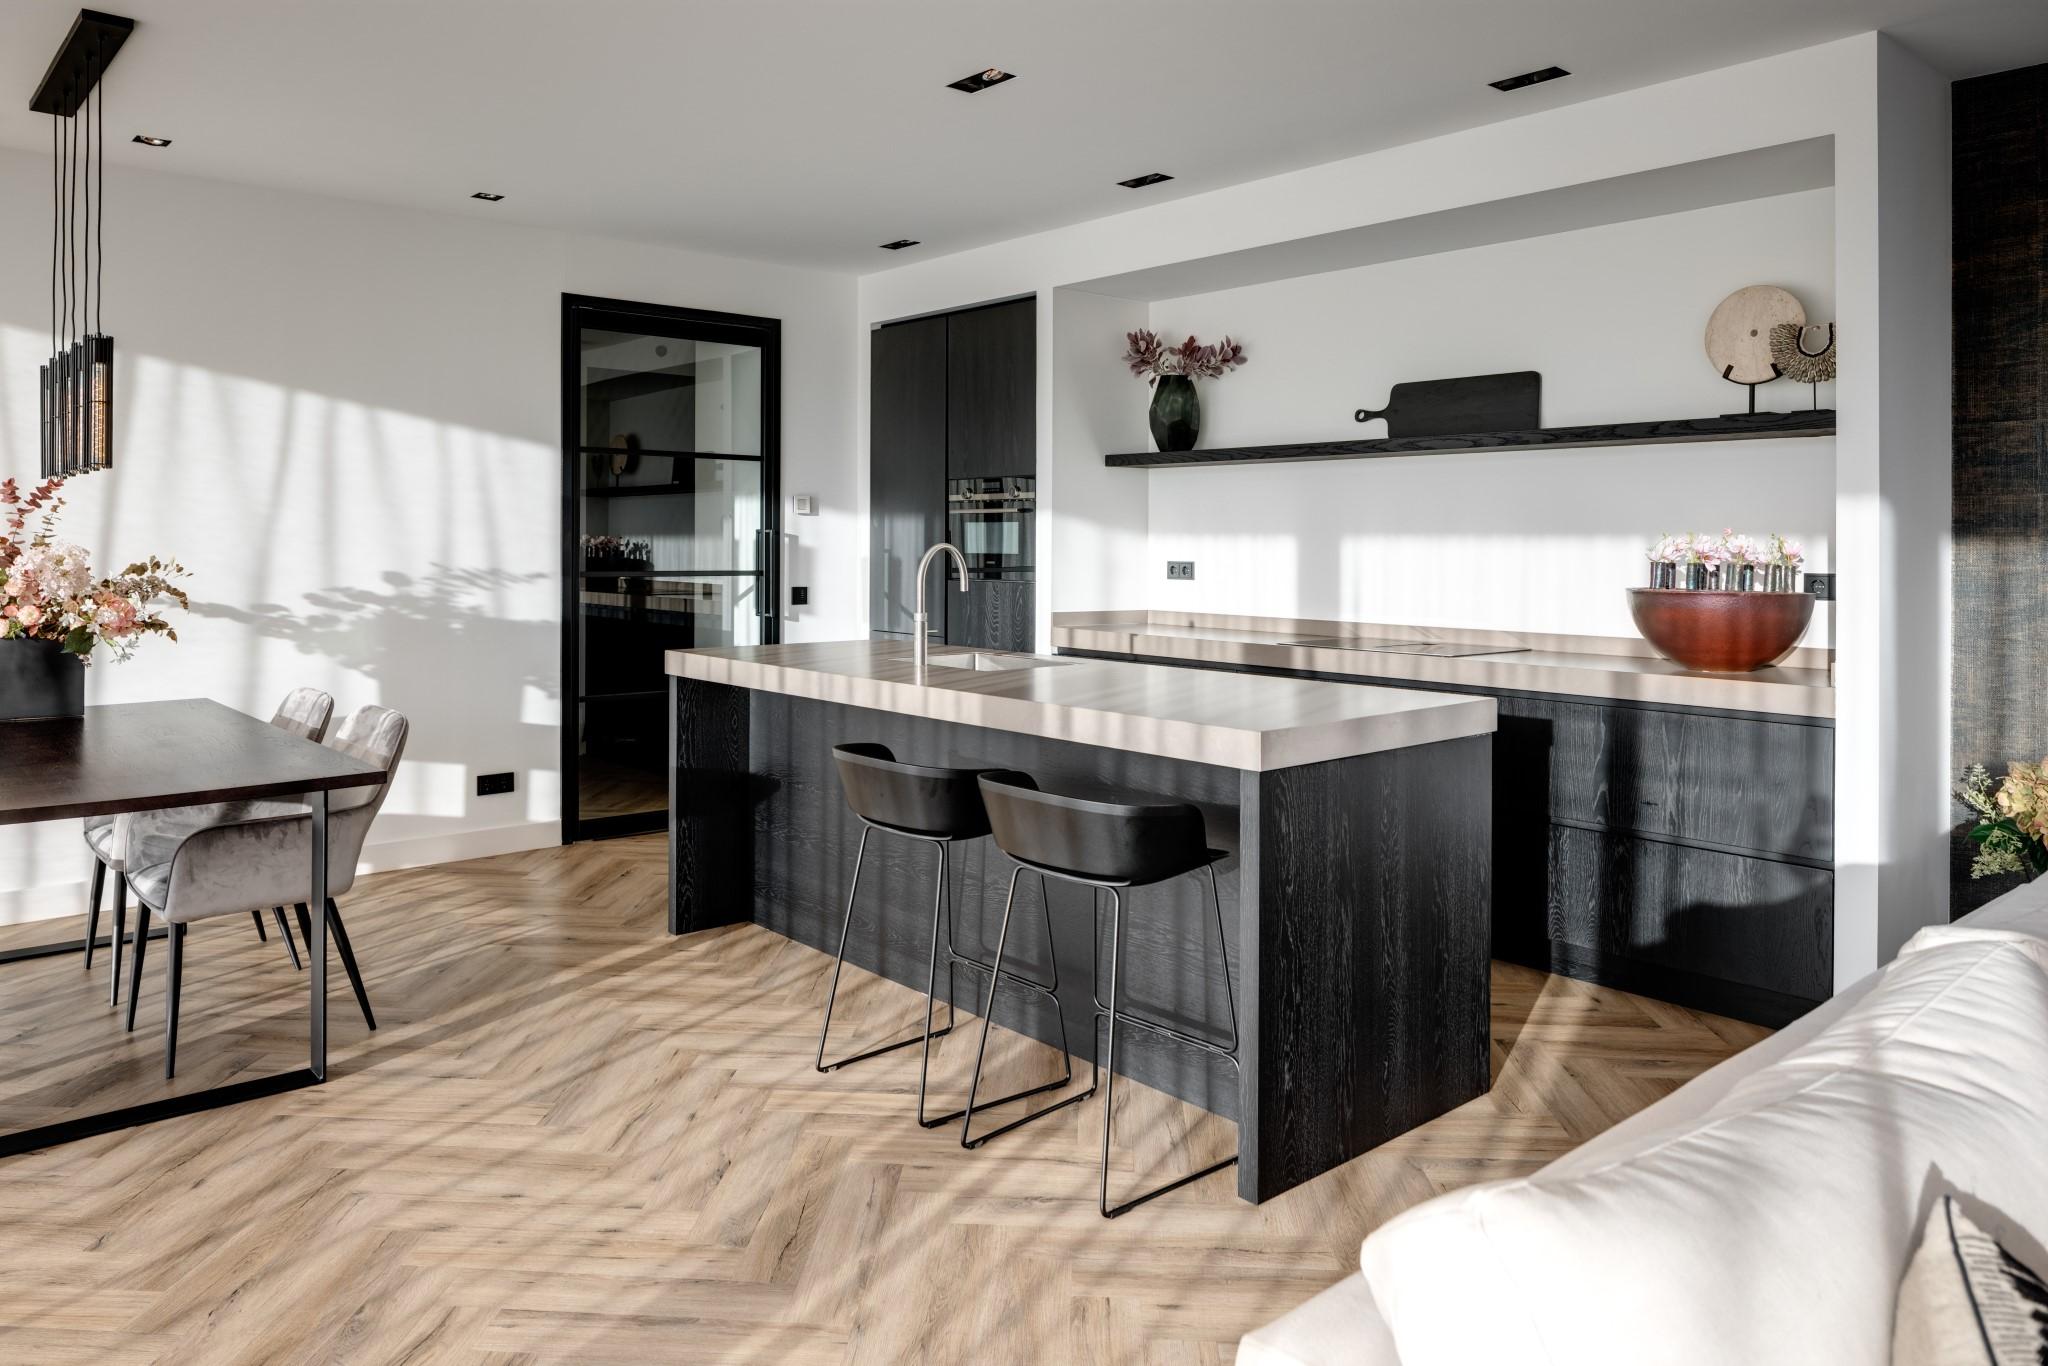 Keuken van Haven Lake Village in Kortenhoef ontwerp door interieurarchitect Maxim Winkelaar.